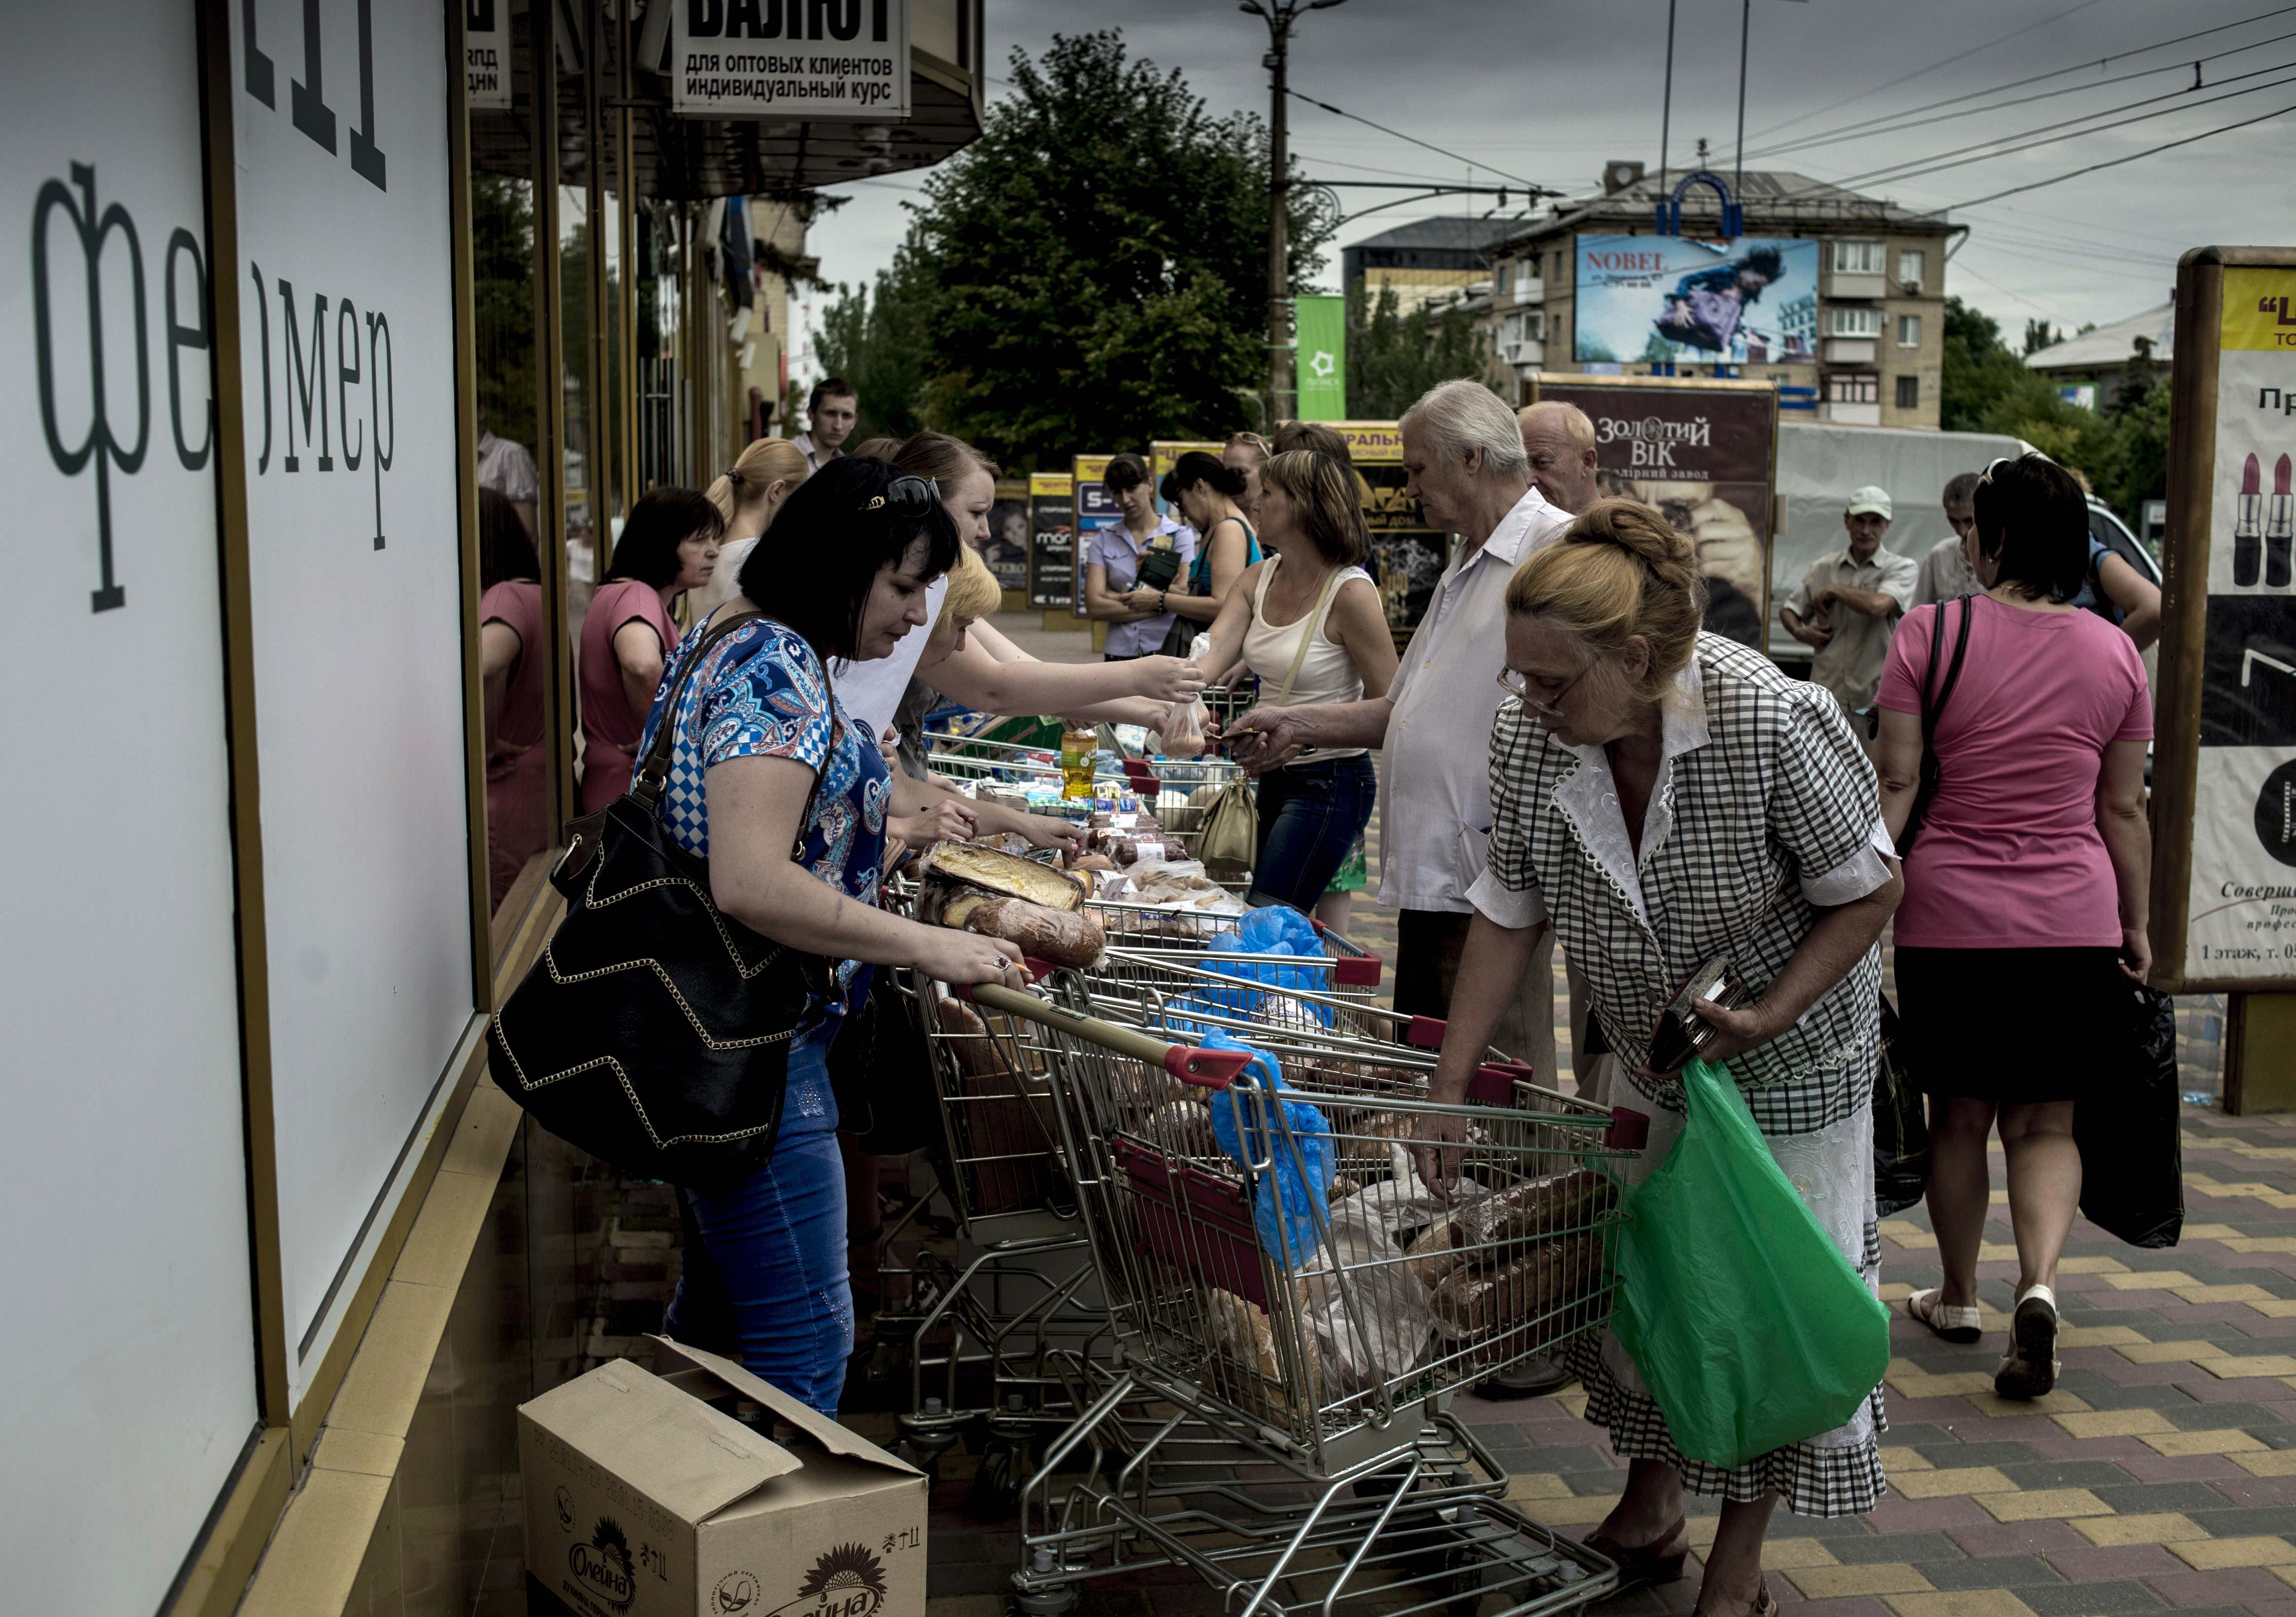 В Донецк държавните служители са получавали заплата само веднъж – в края на октомври, преди изборите за депутати в Народния съвет на ДНР, а лекарите и учителите са взели последните си възнаграждения за септември.